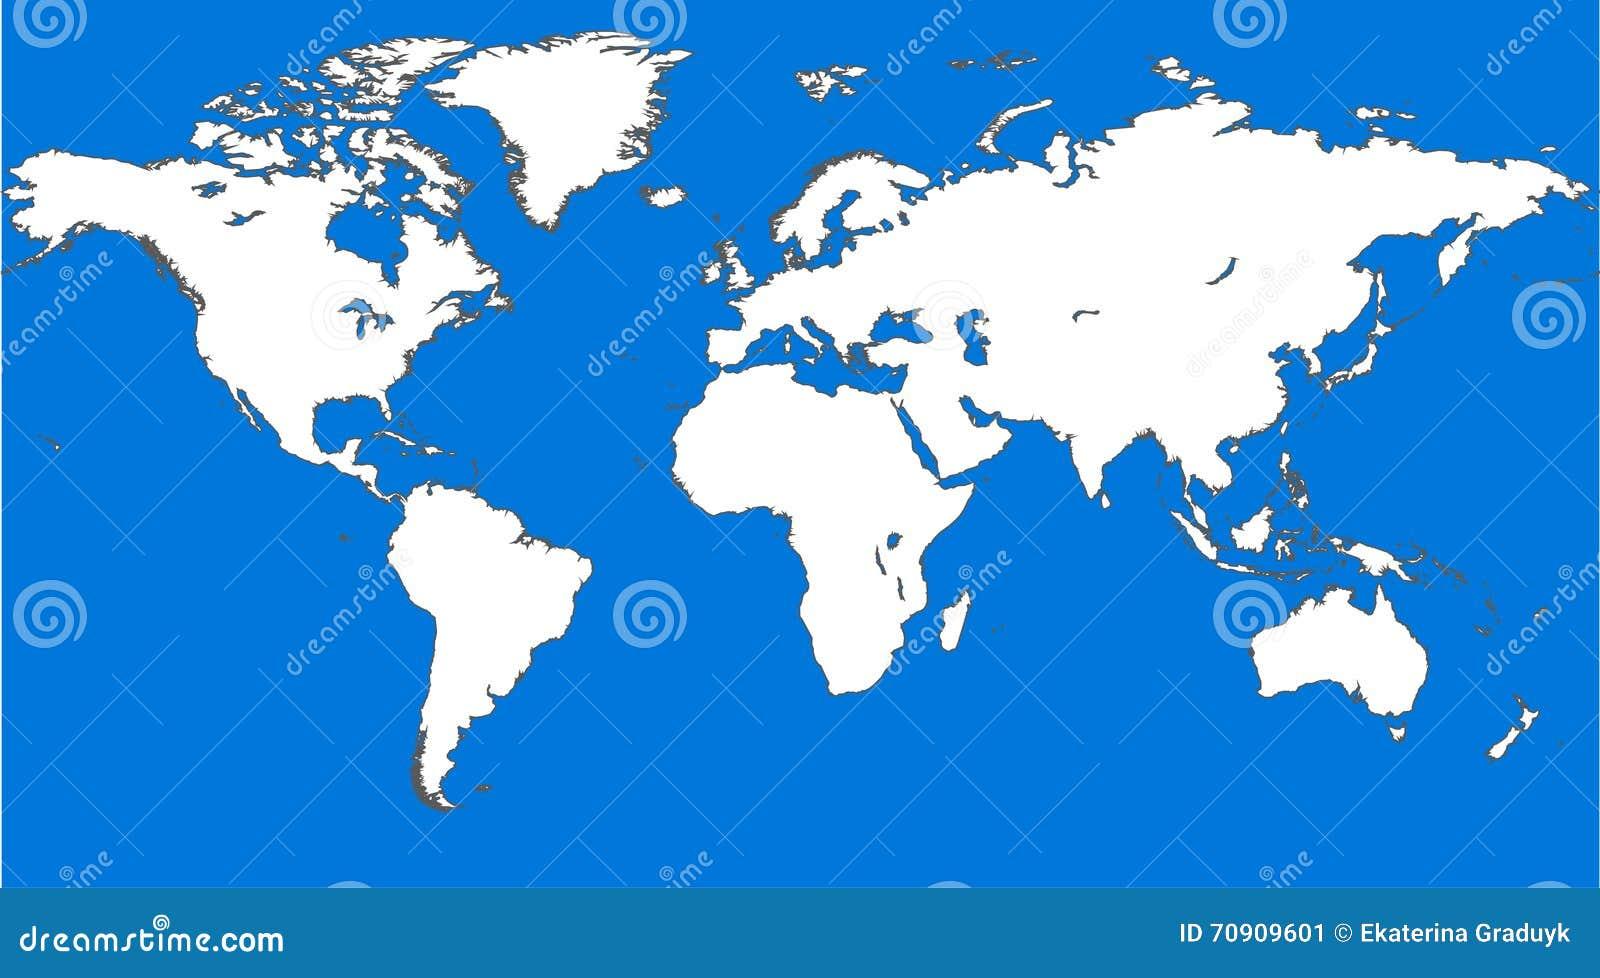 Blue Similar World Map World Map Blank World Map Vector World Map